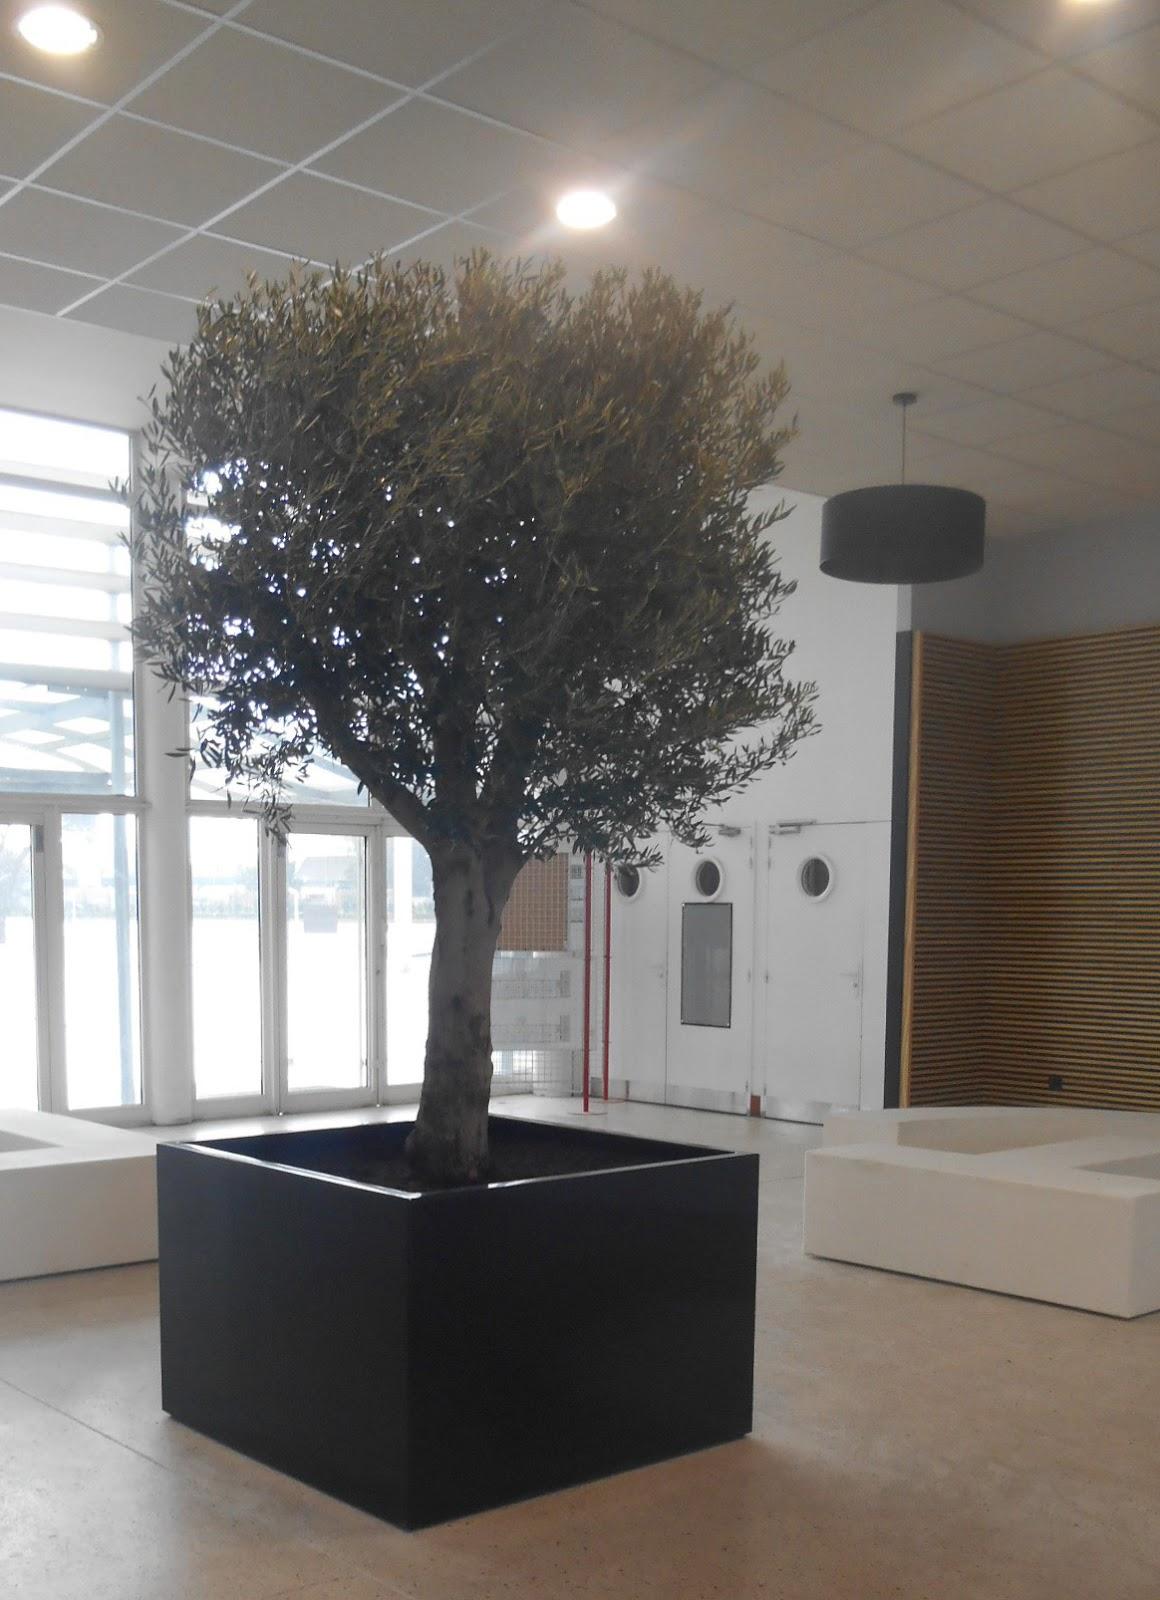 Galerie photos bacs sur mesure image 39 in le bac arbre indoor image 39 in - Bac a arbre ...